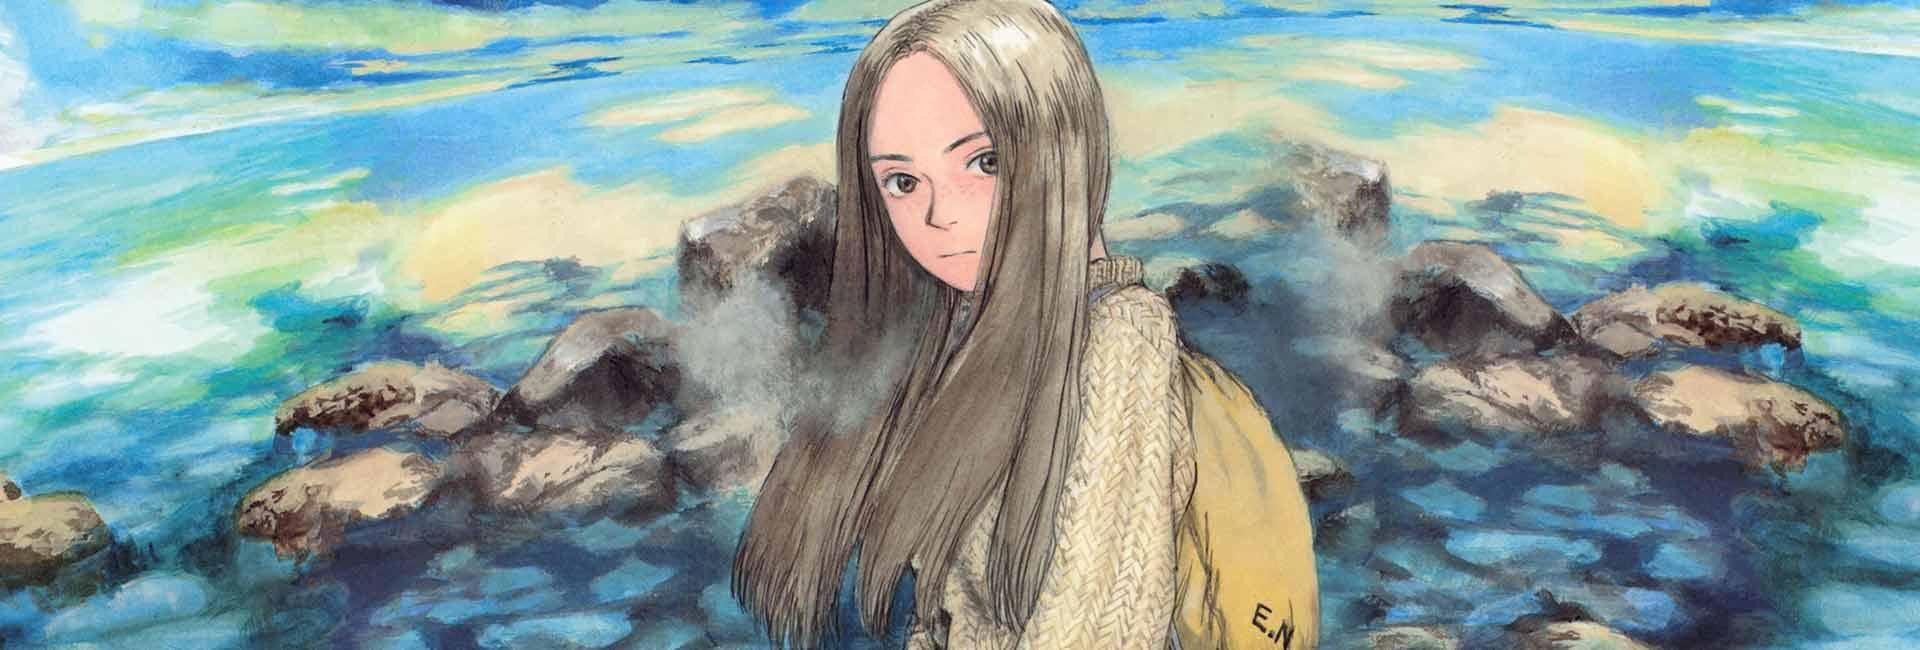 No centro da imagem Emanon está no mar, com algumas rochas acima da superfície